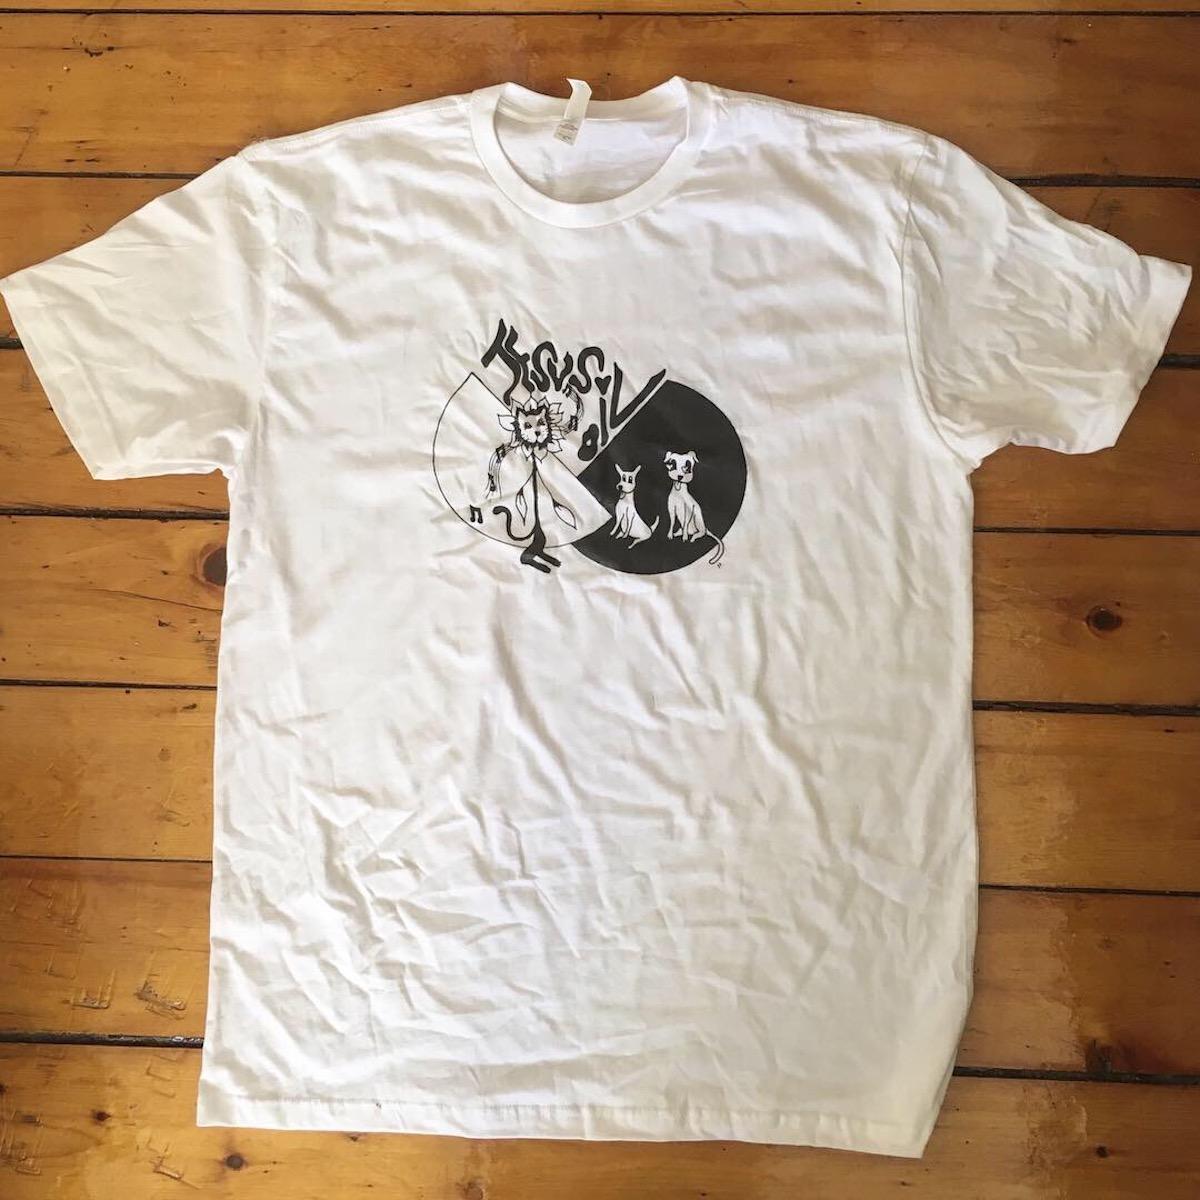 Jesus Vio Shirt by: Nyle Kaliski